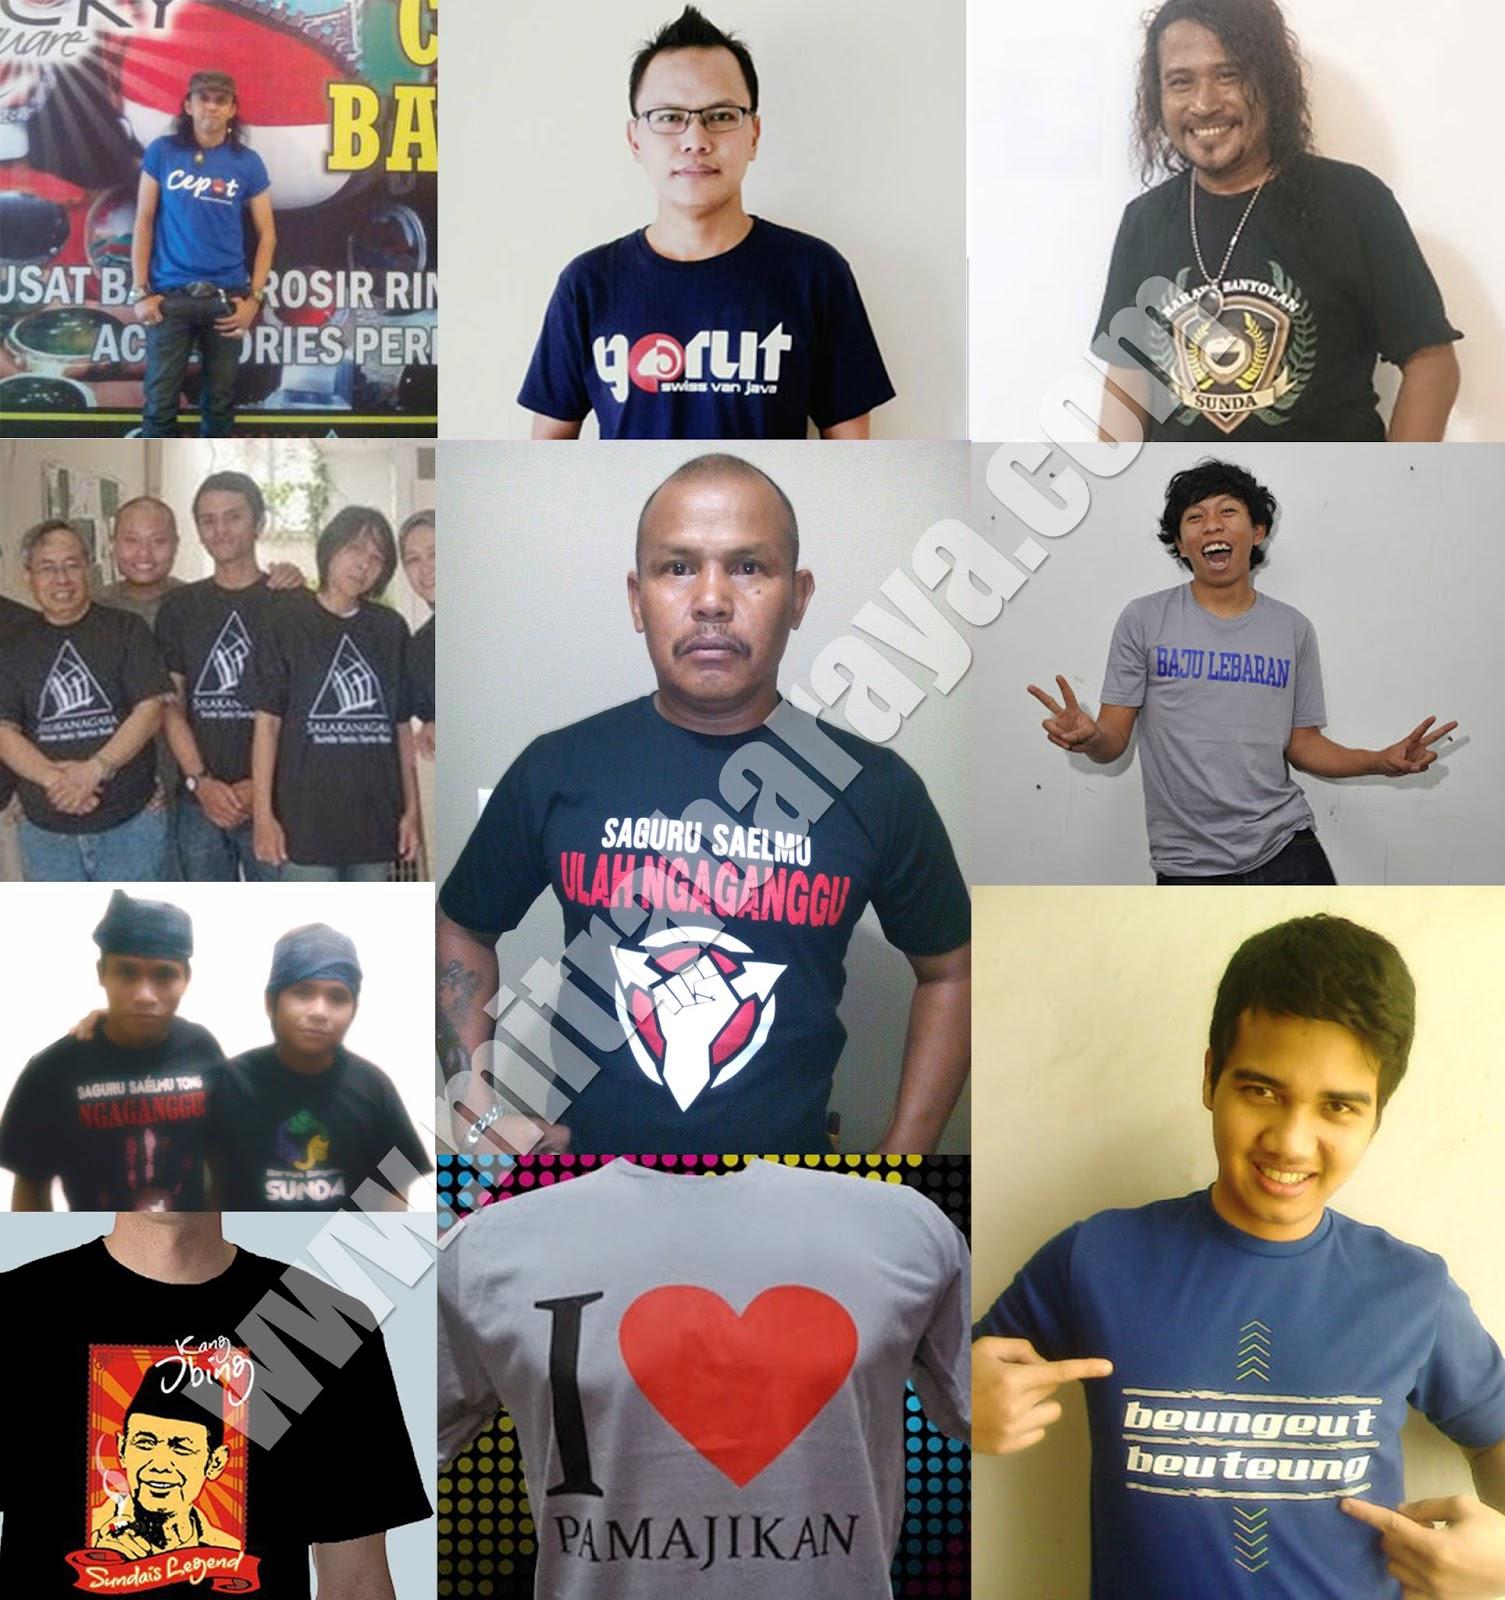 Memperkenalkan Bahasa Sunda Lewat Media Kaos Humor Sunda Baiknya